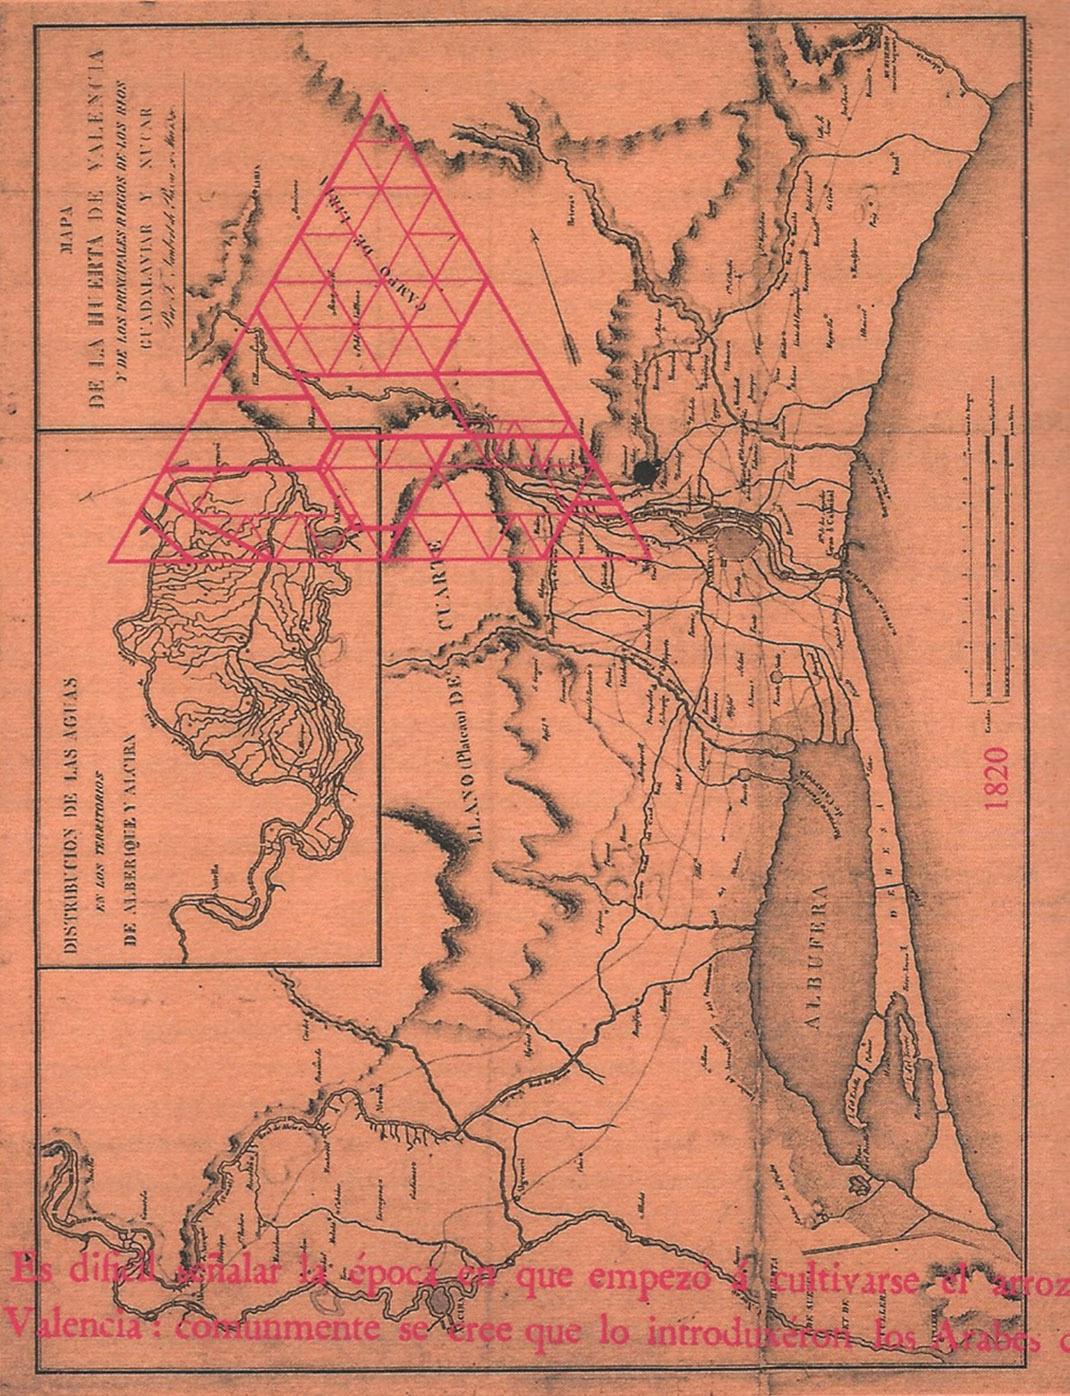 atlante energetico-catalogo-glossario-immagine1-crop-crop